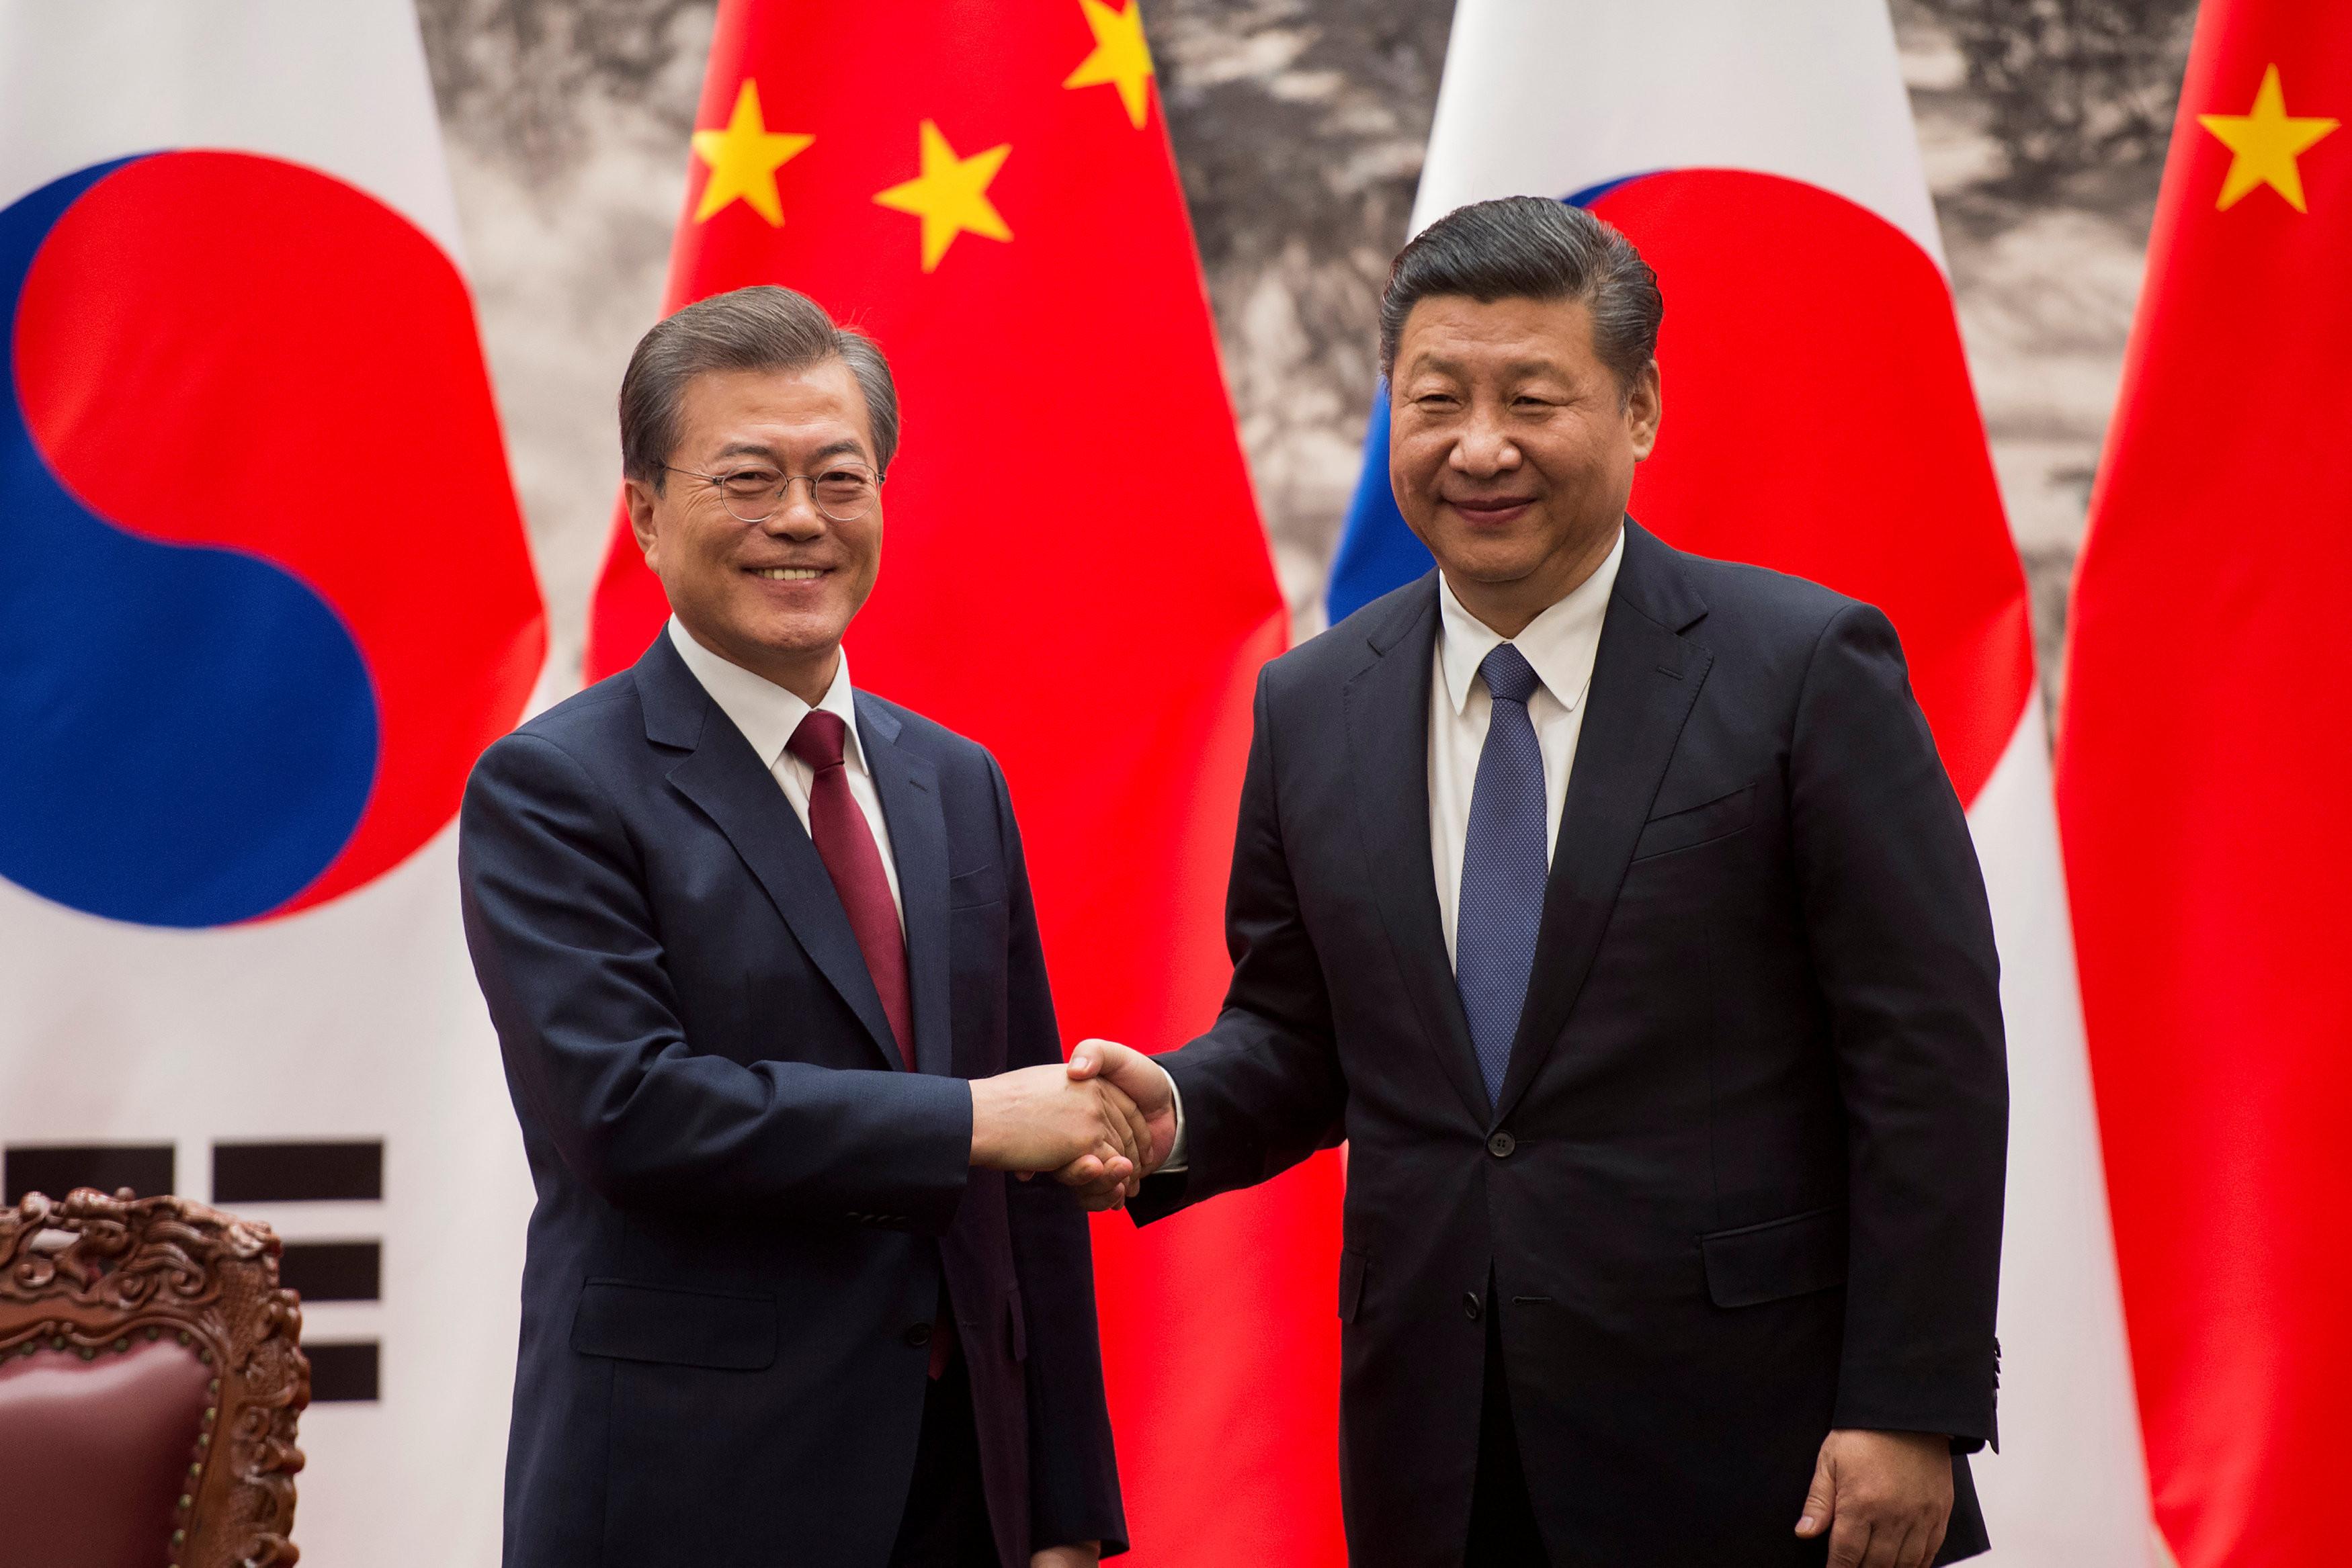 ▲中國國家主席習近平、南韓總統文在寅。(圖/路透社)